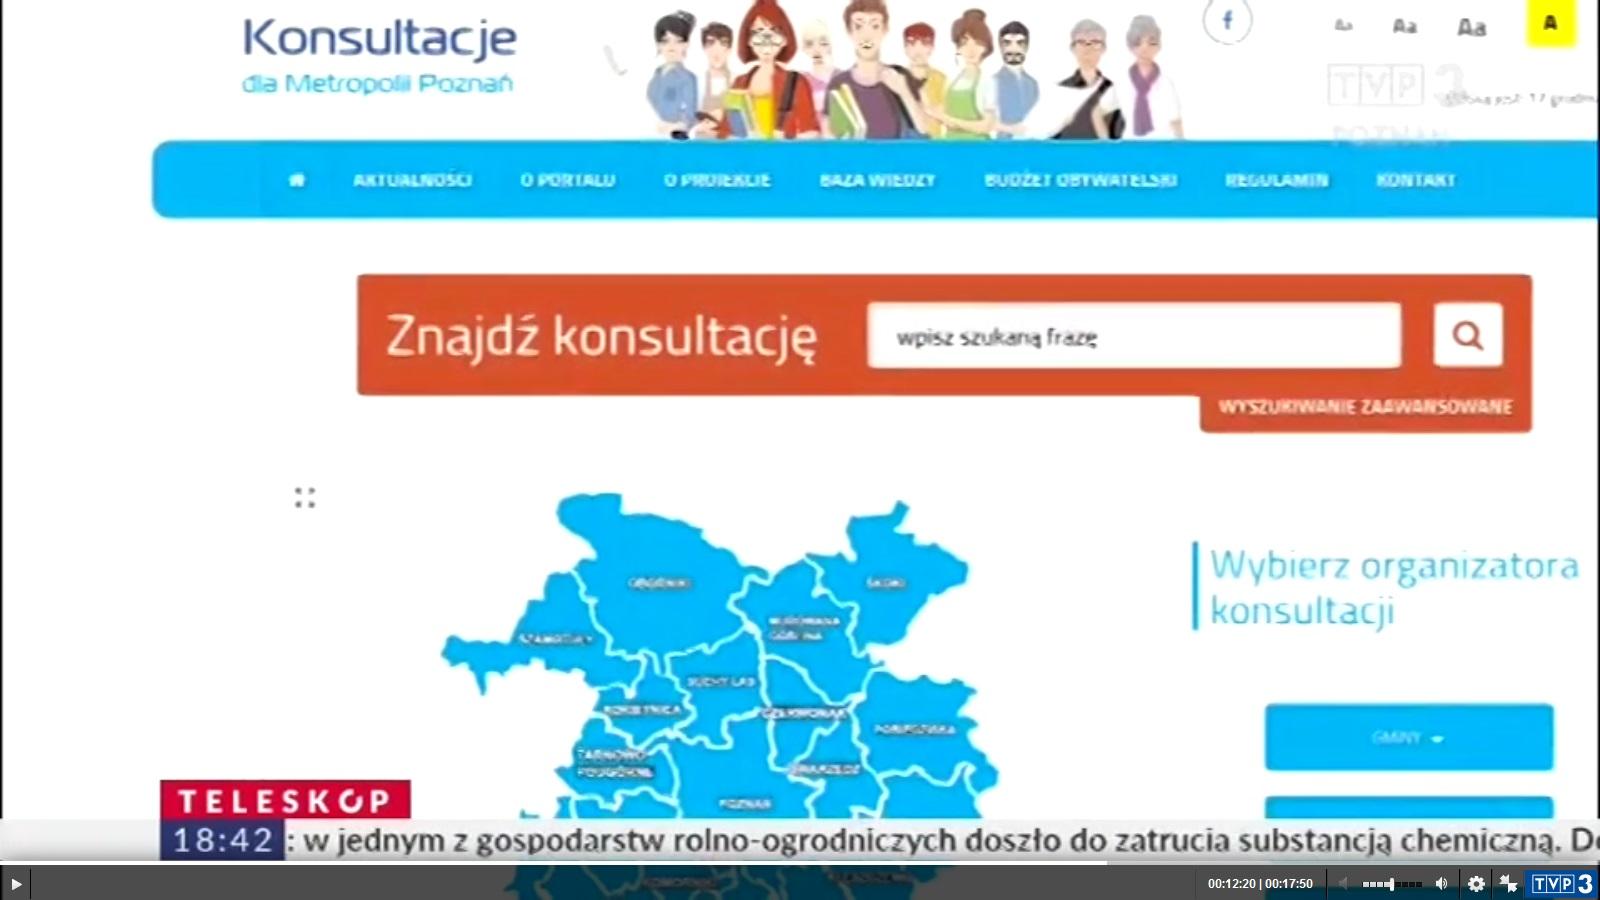 Fotografia kadru z programu Teleskop i hiperłącze do strony TVP Poznań